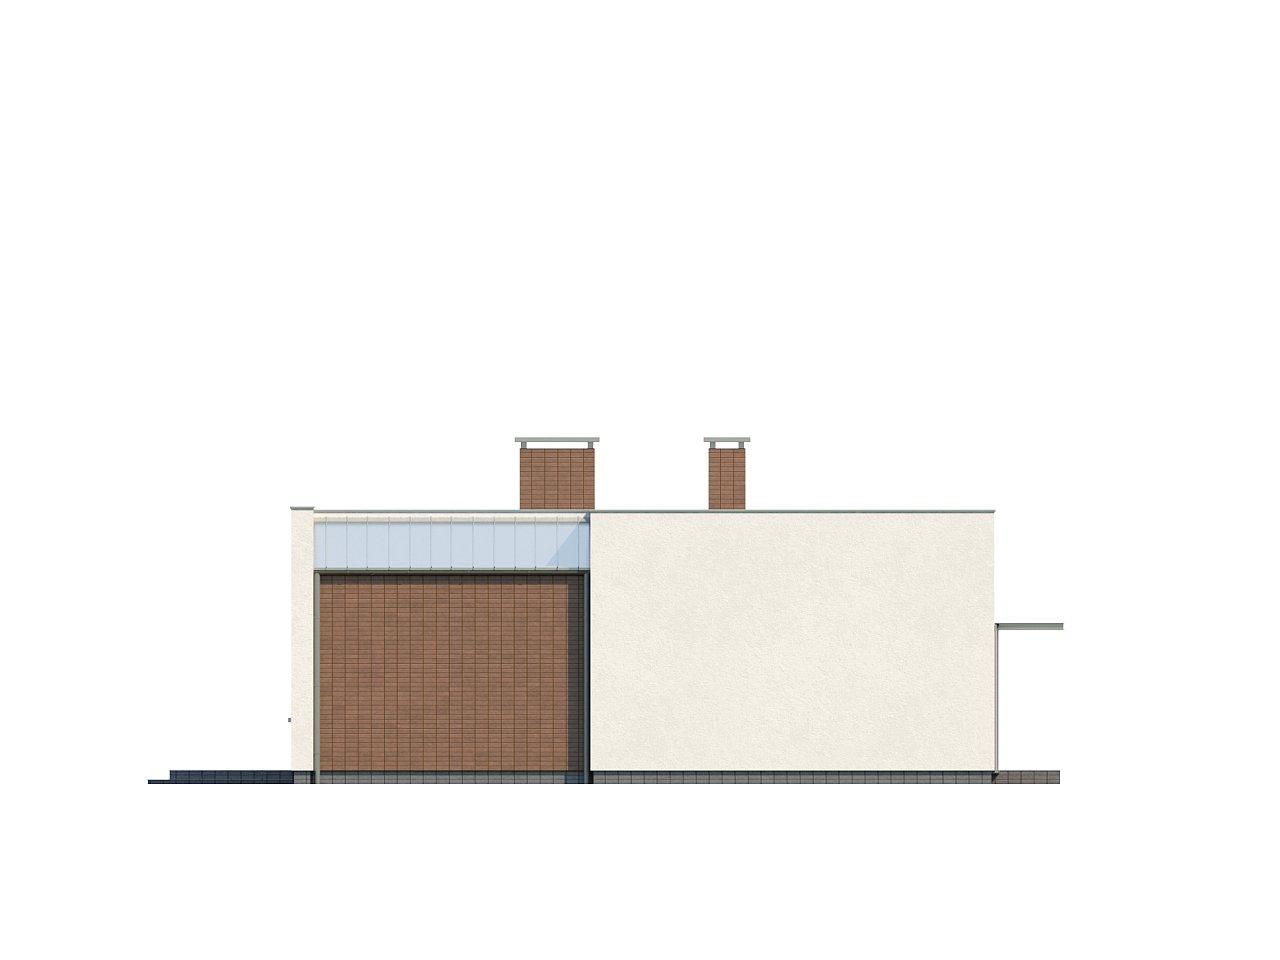 Одноэтажный дом с плоской крышей, со светлым функциональным интерьером и гаражом. 6